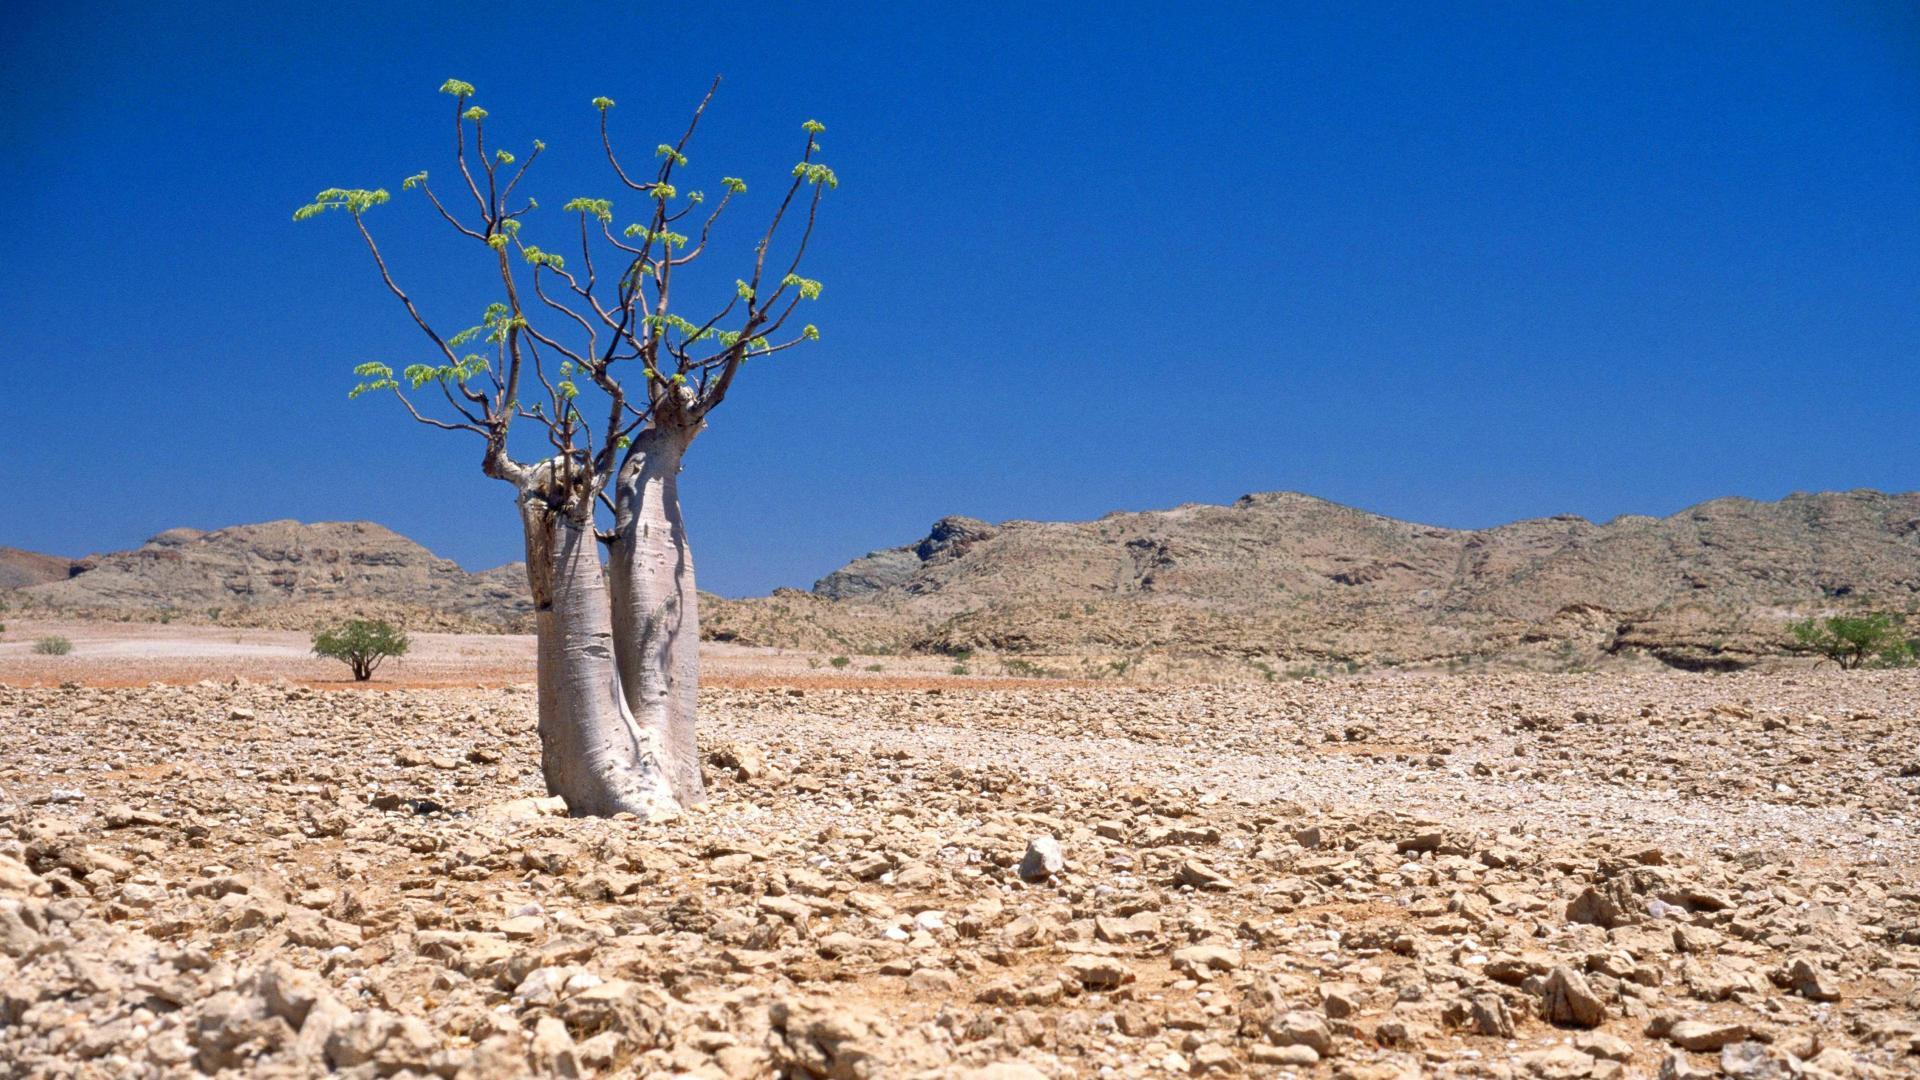 Moringabaum in der Halbwüste